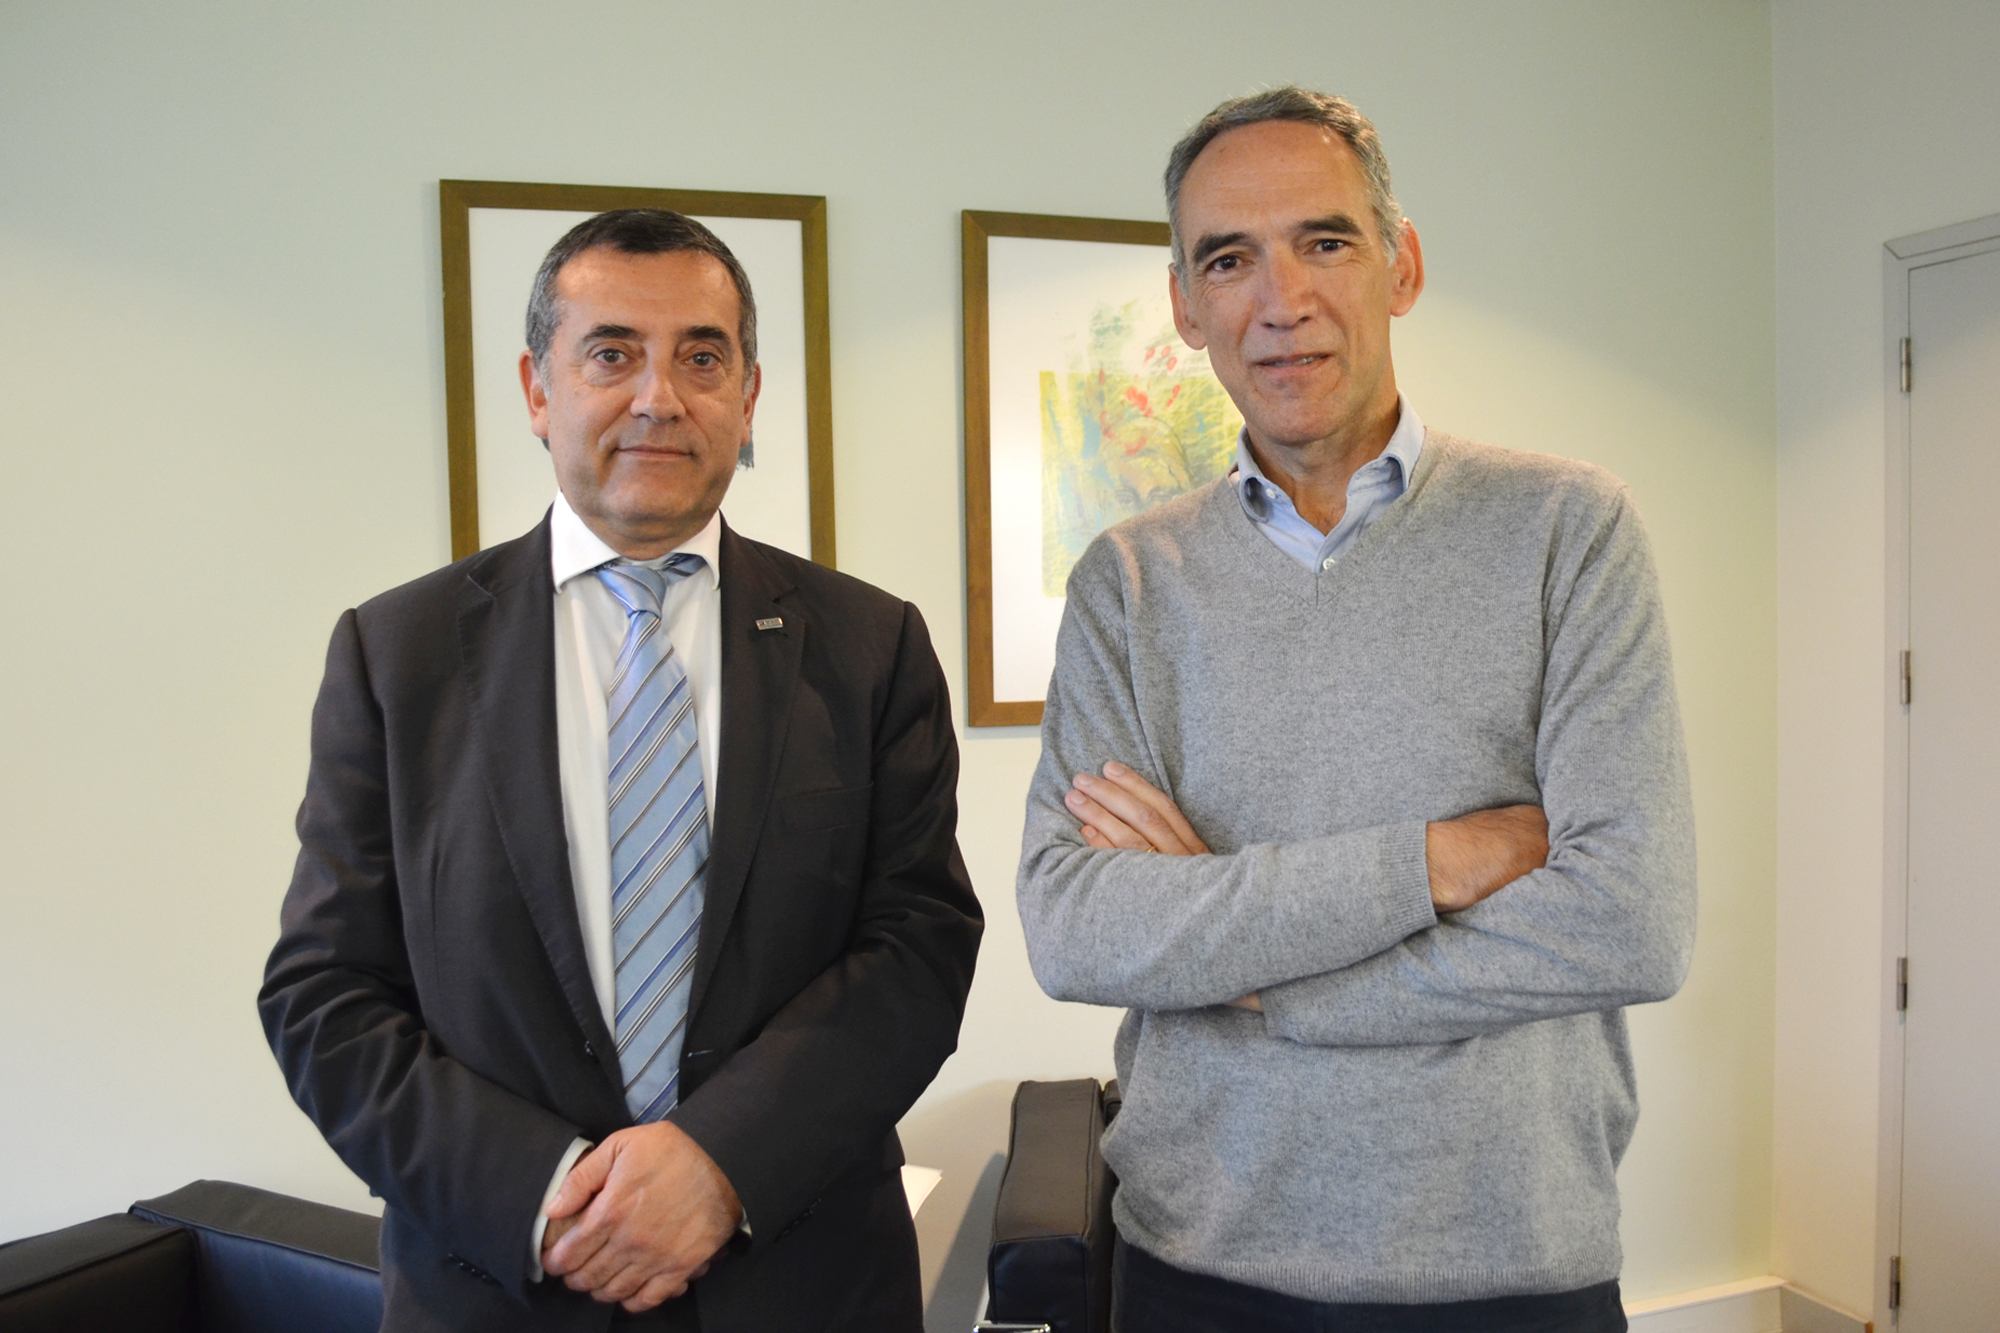 João Falcão e Cunha, diretor da FEUP, e Francisco Viegas, pró-diretor da FEUP.